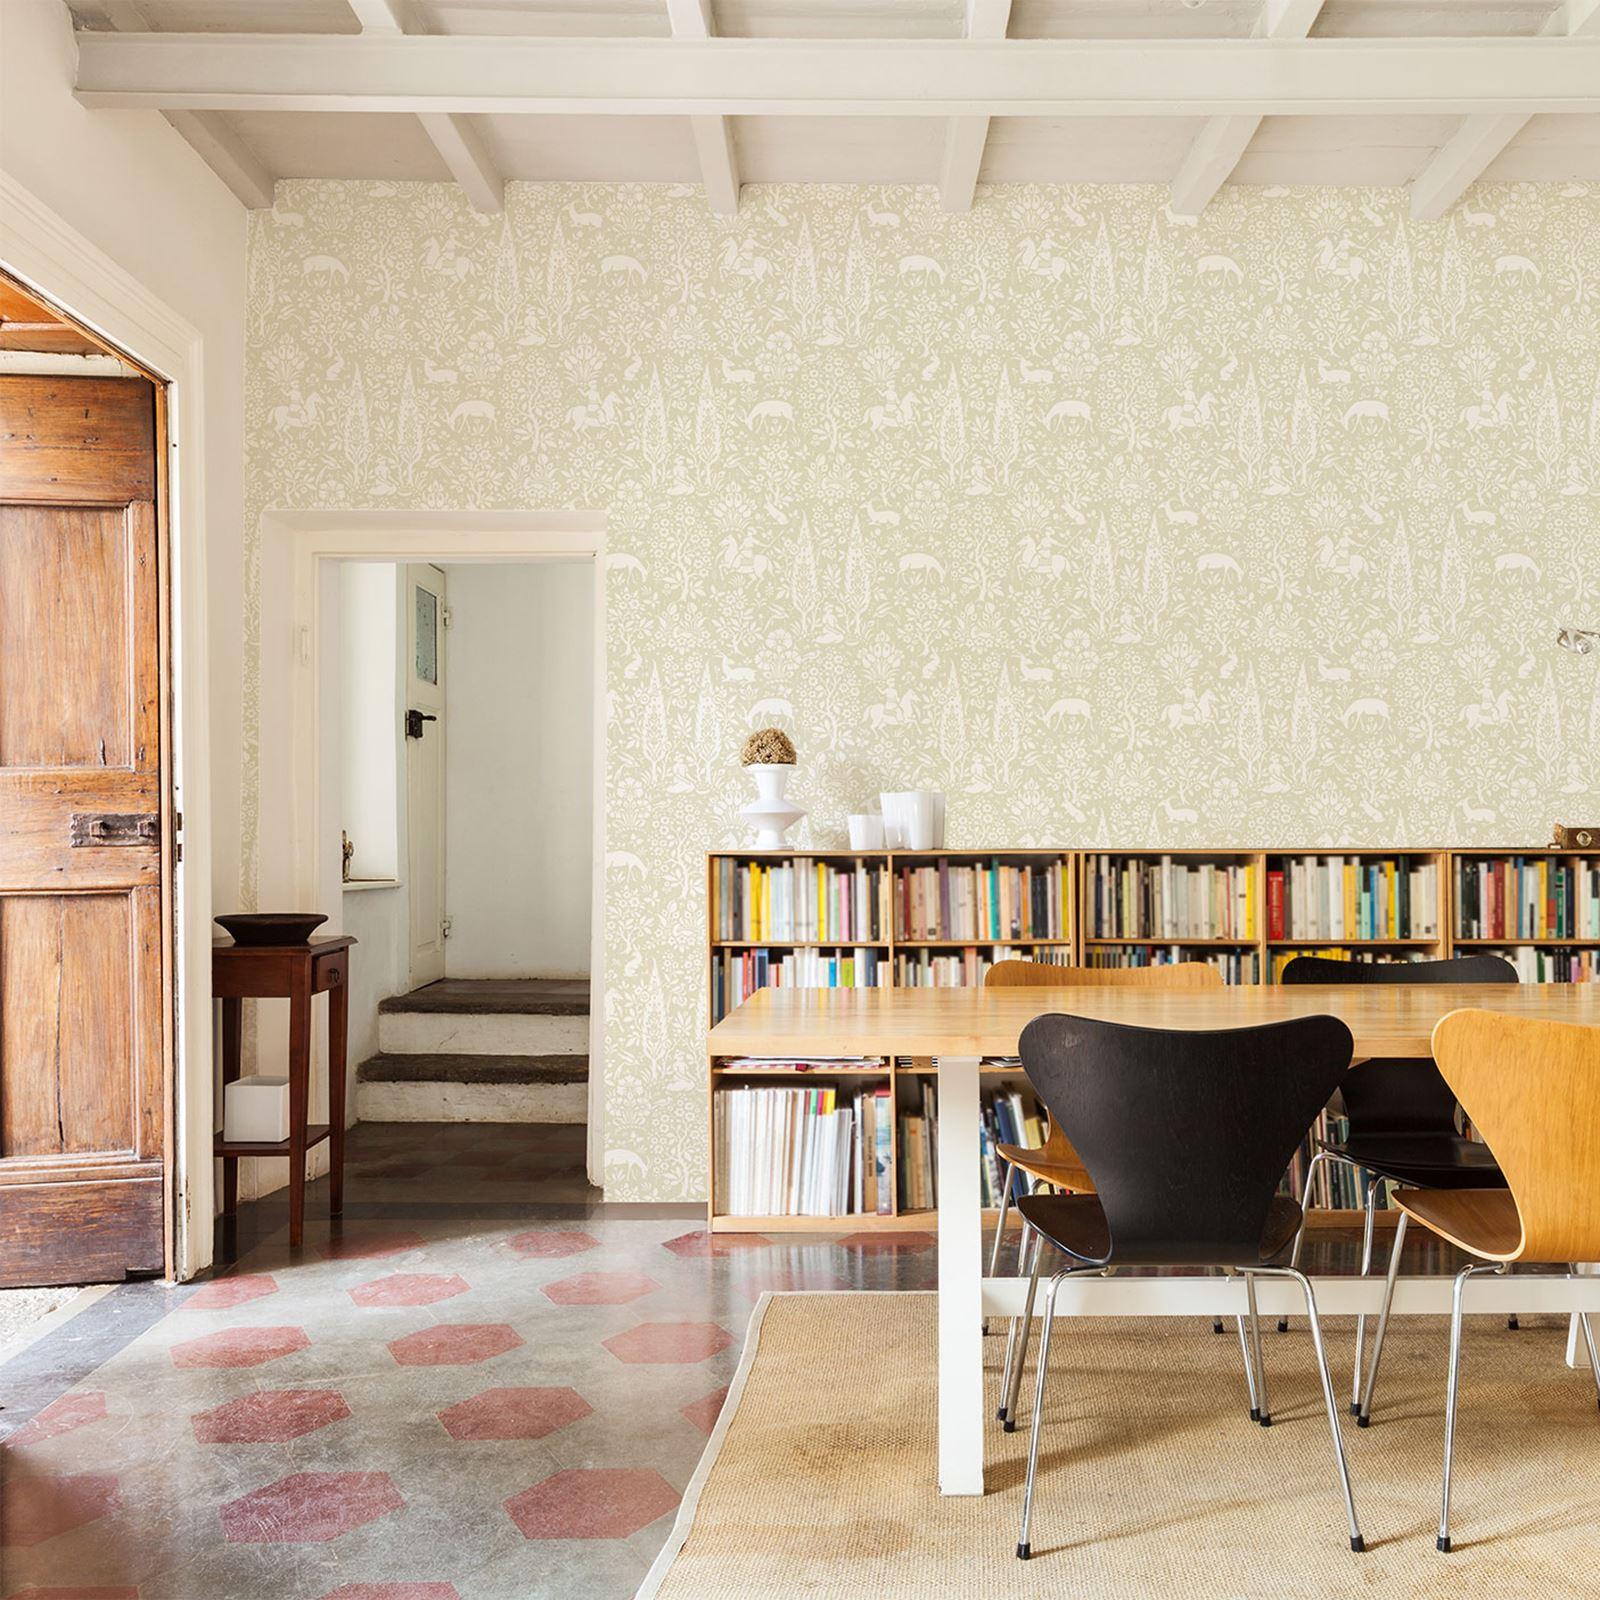 Umbrella Stand Homebase: Duck Egg Blue Wallpaper Living Room